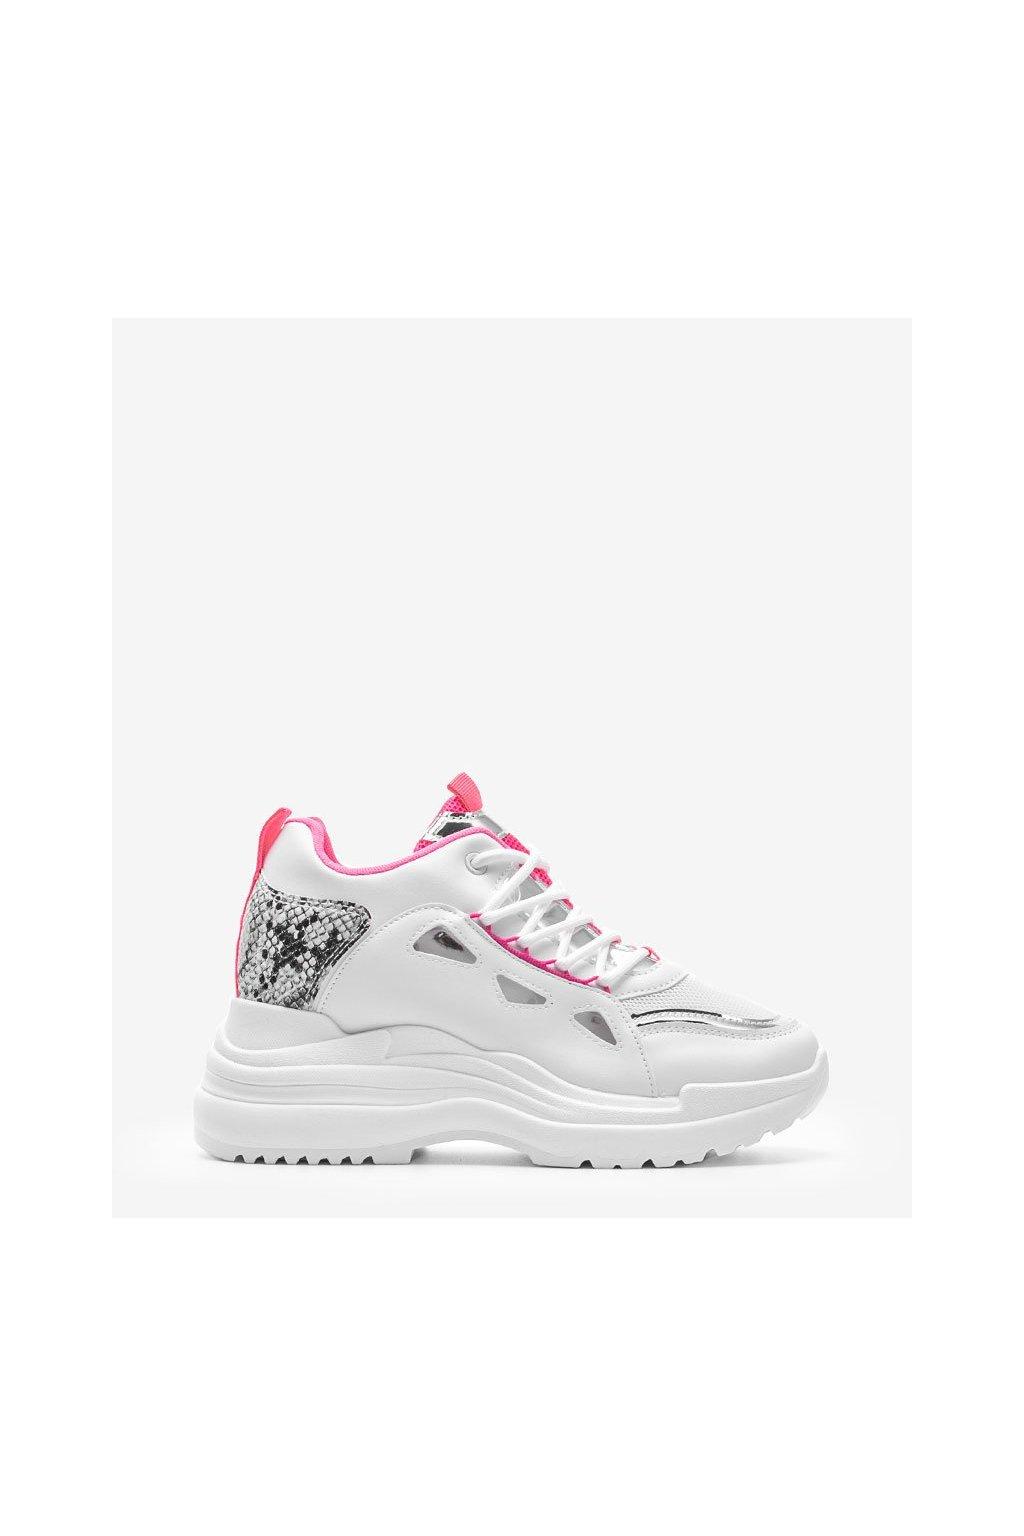 Dámske topánky tenisky ružové kód 3170 - GM